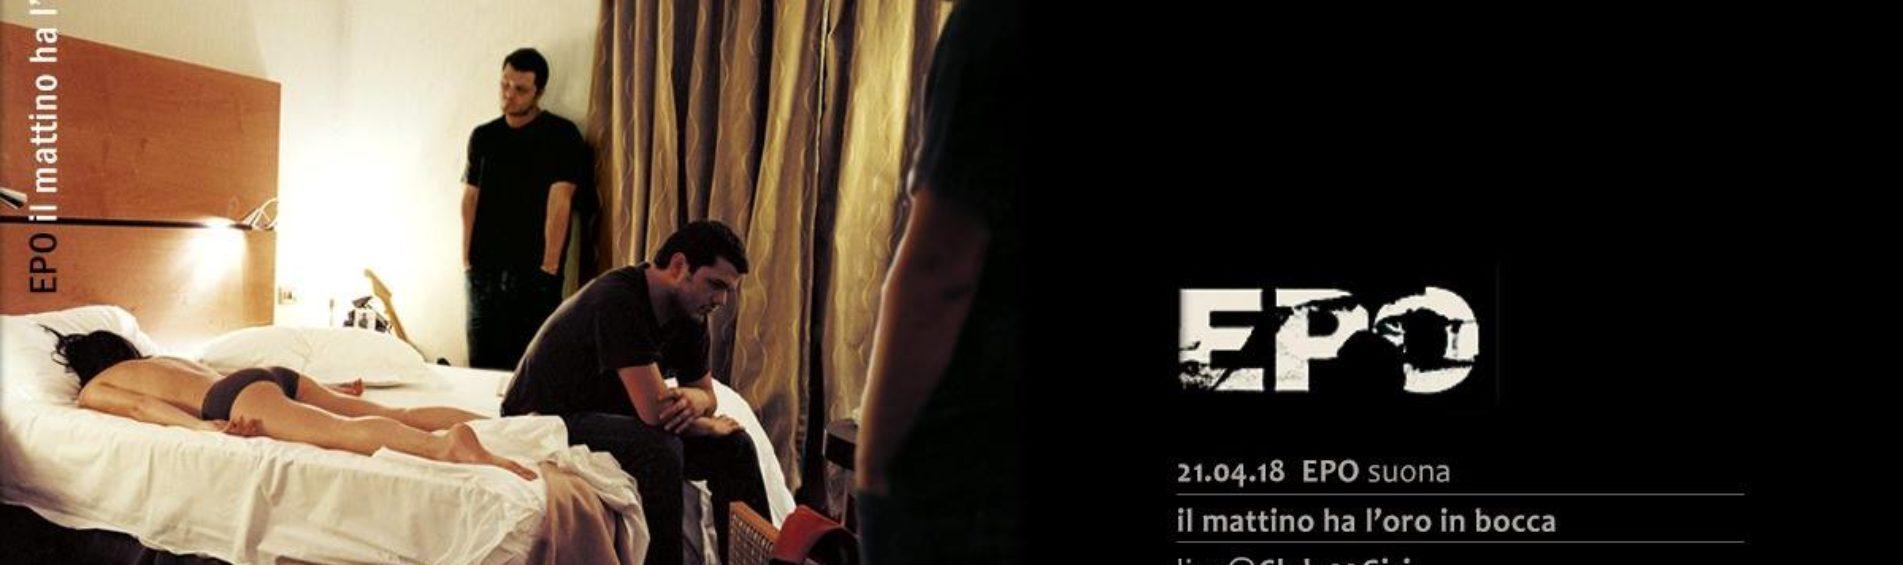 """Evento speciale: EPO suona """"Il mattino ha l'oro in bocca"""""""